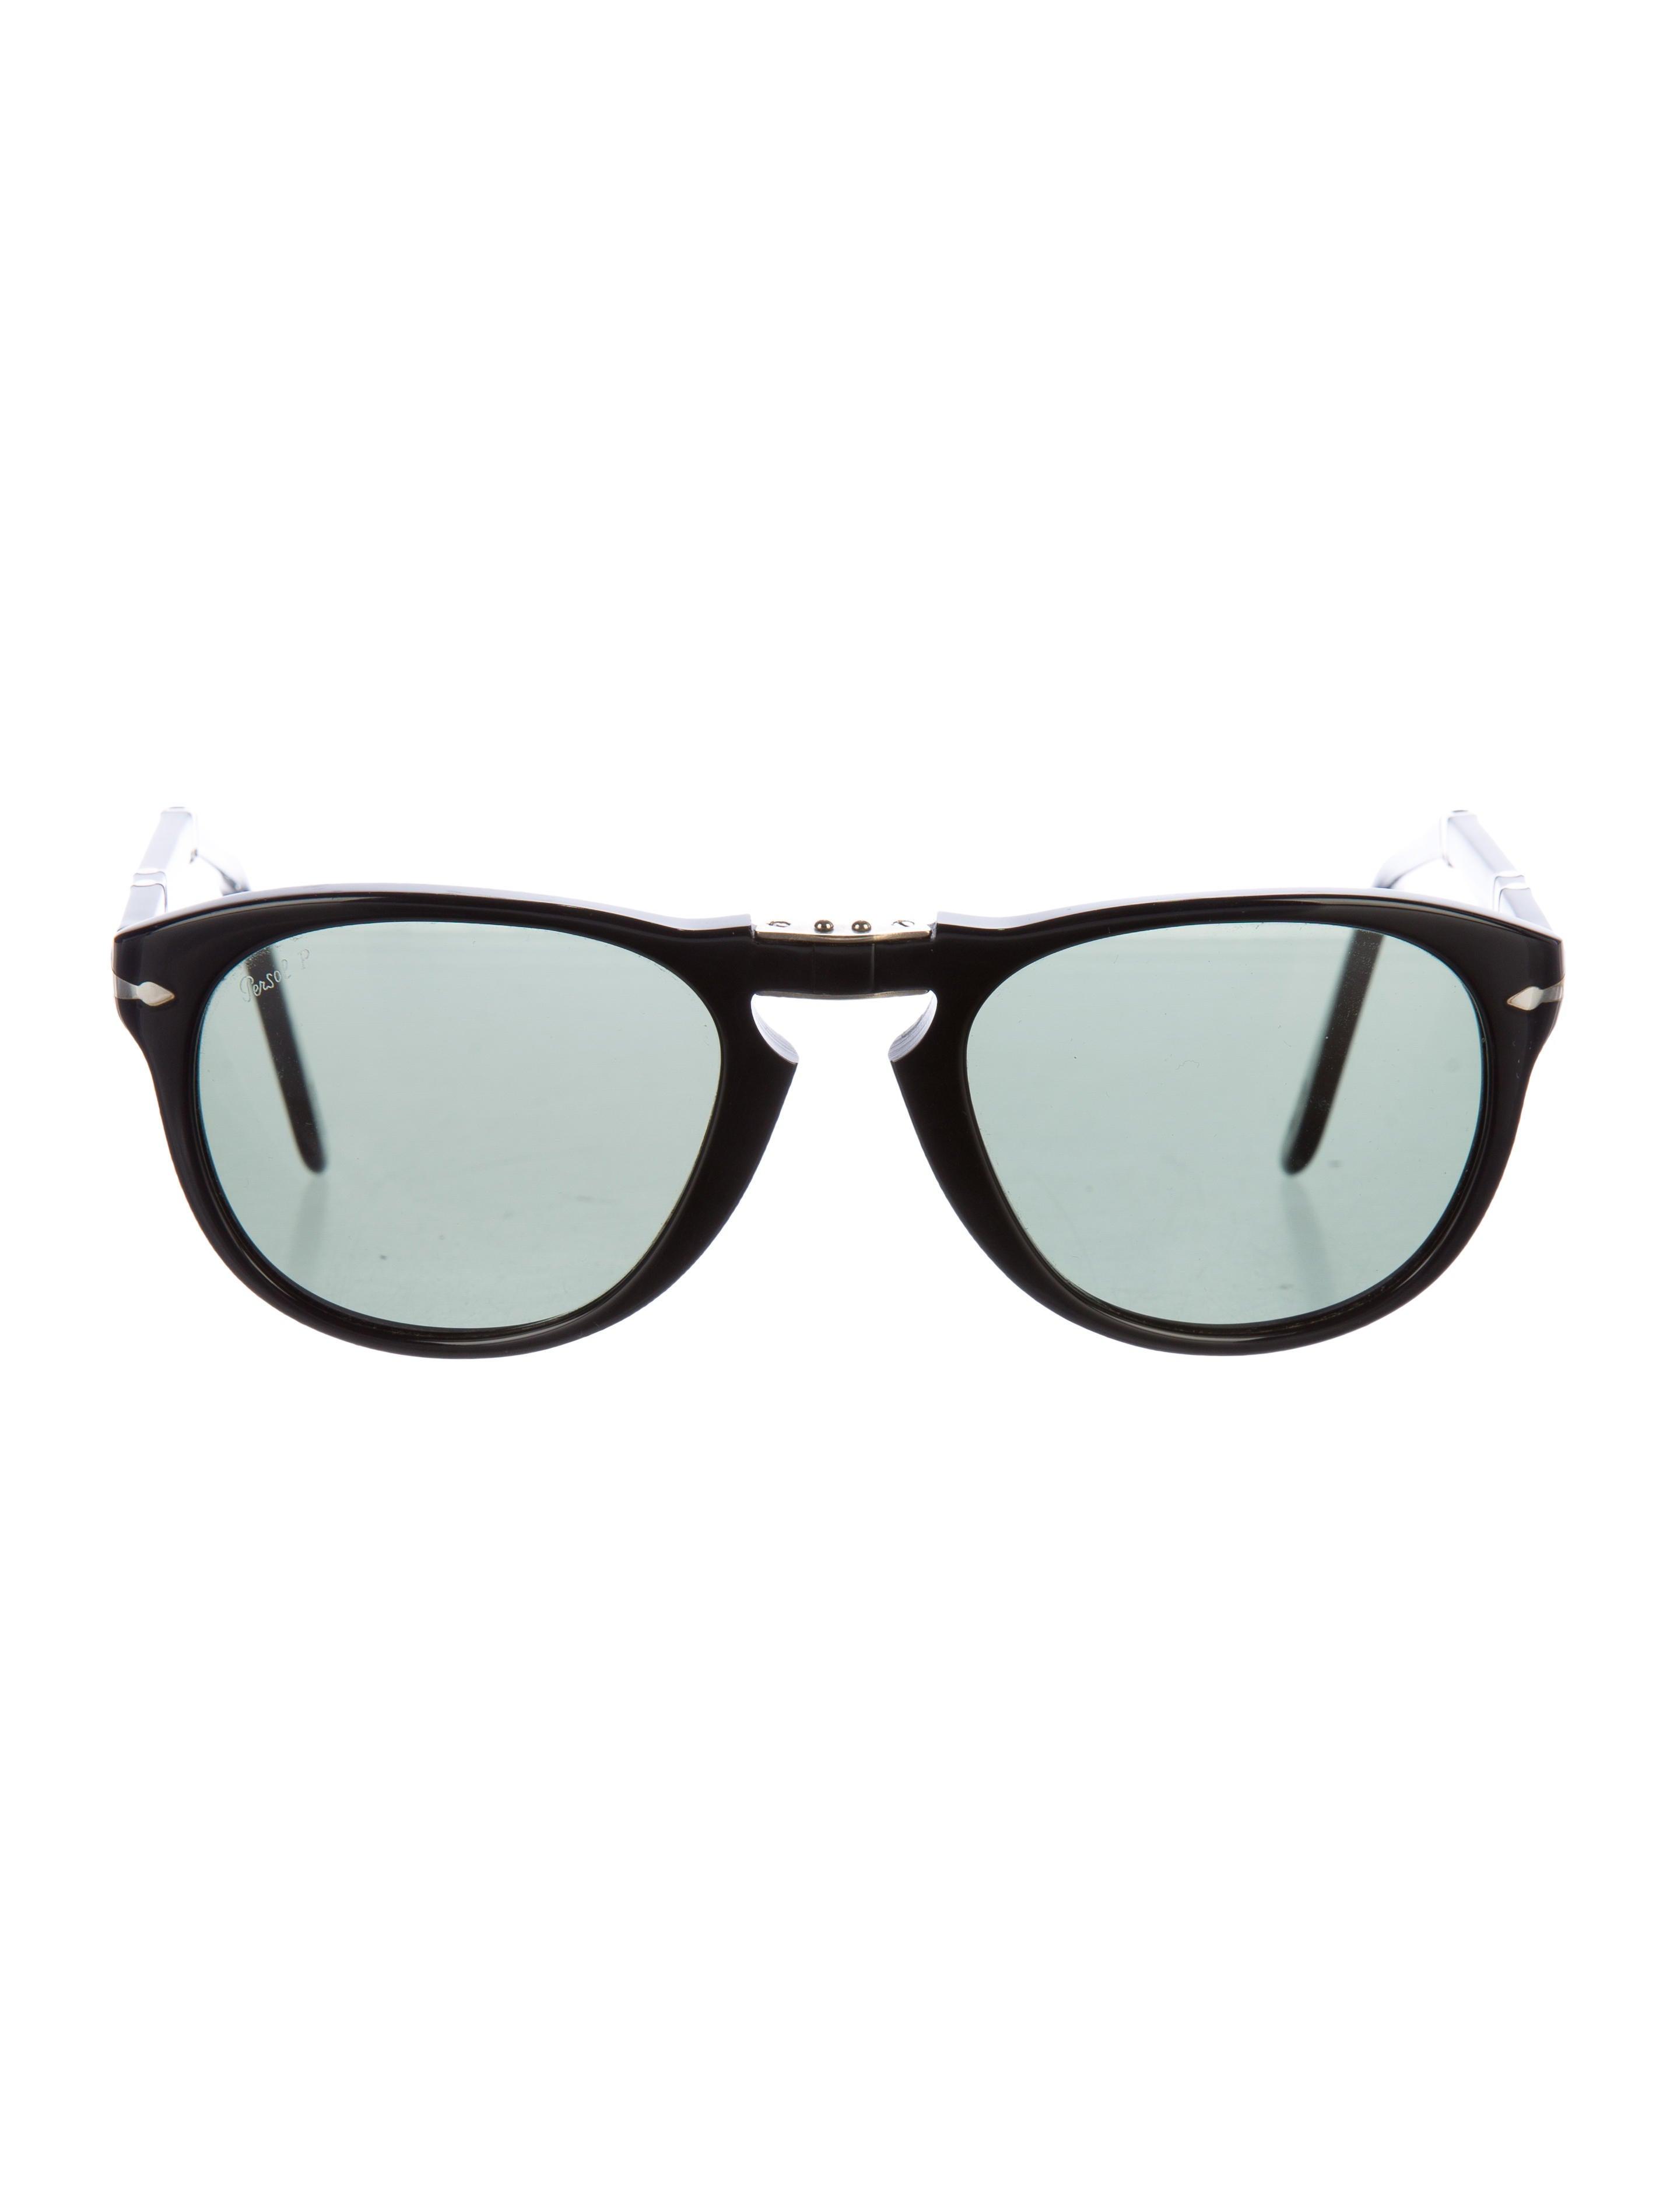 a04a11995f8 Polarized Or Tinted Sunglasses « Heritage Malta